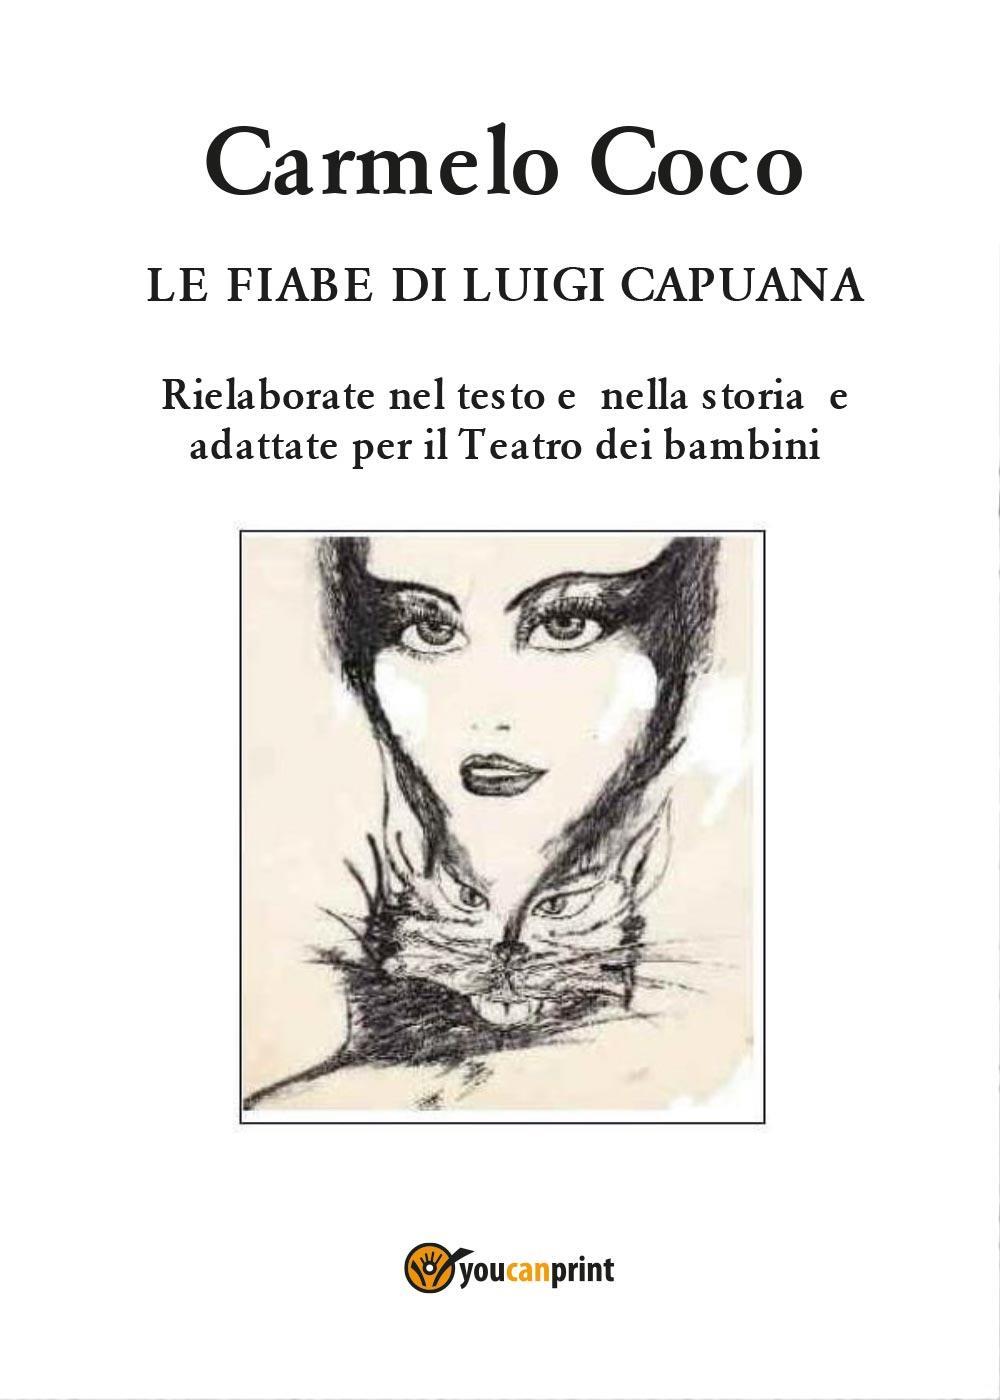 Le fiabe di Luigi Capuana  –  Rielaborate nel testo e  nella storia  e adattate per il Teatro dei bambini